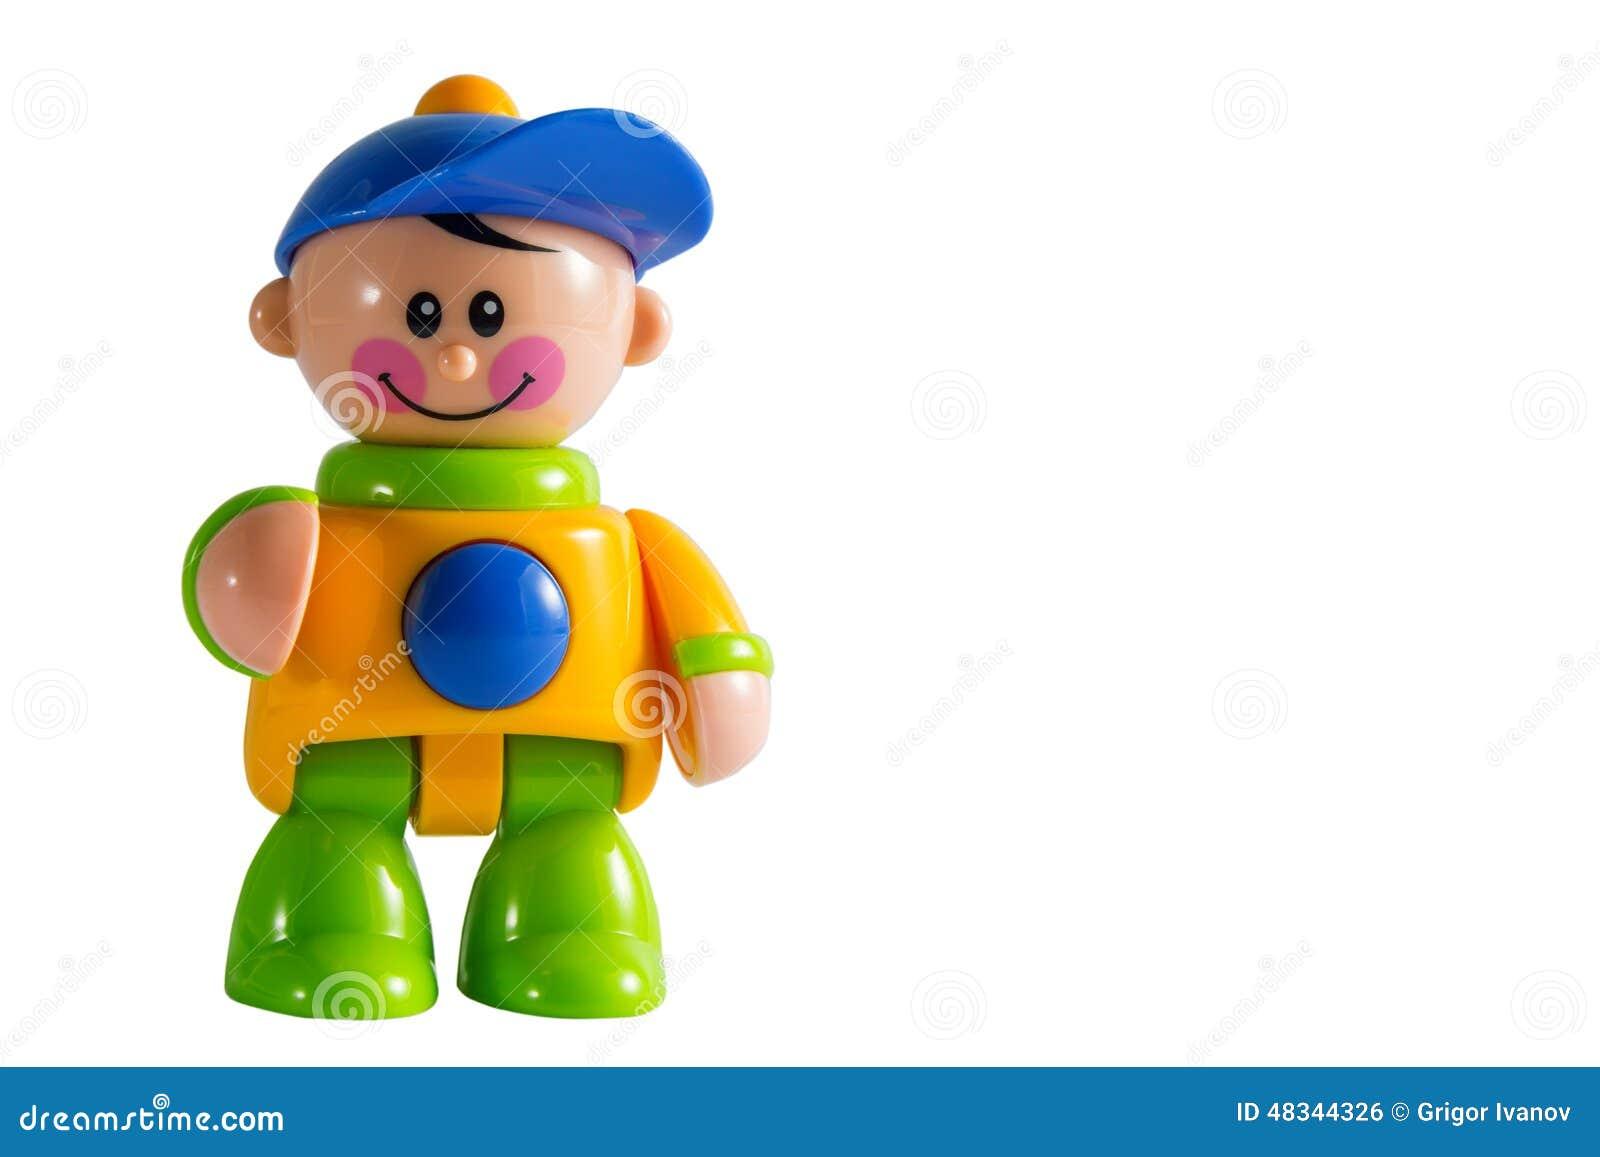 儿童玩具 库存照片 - 图片